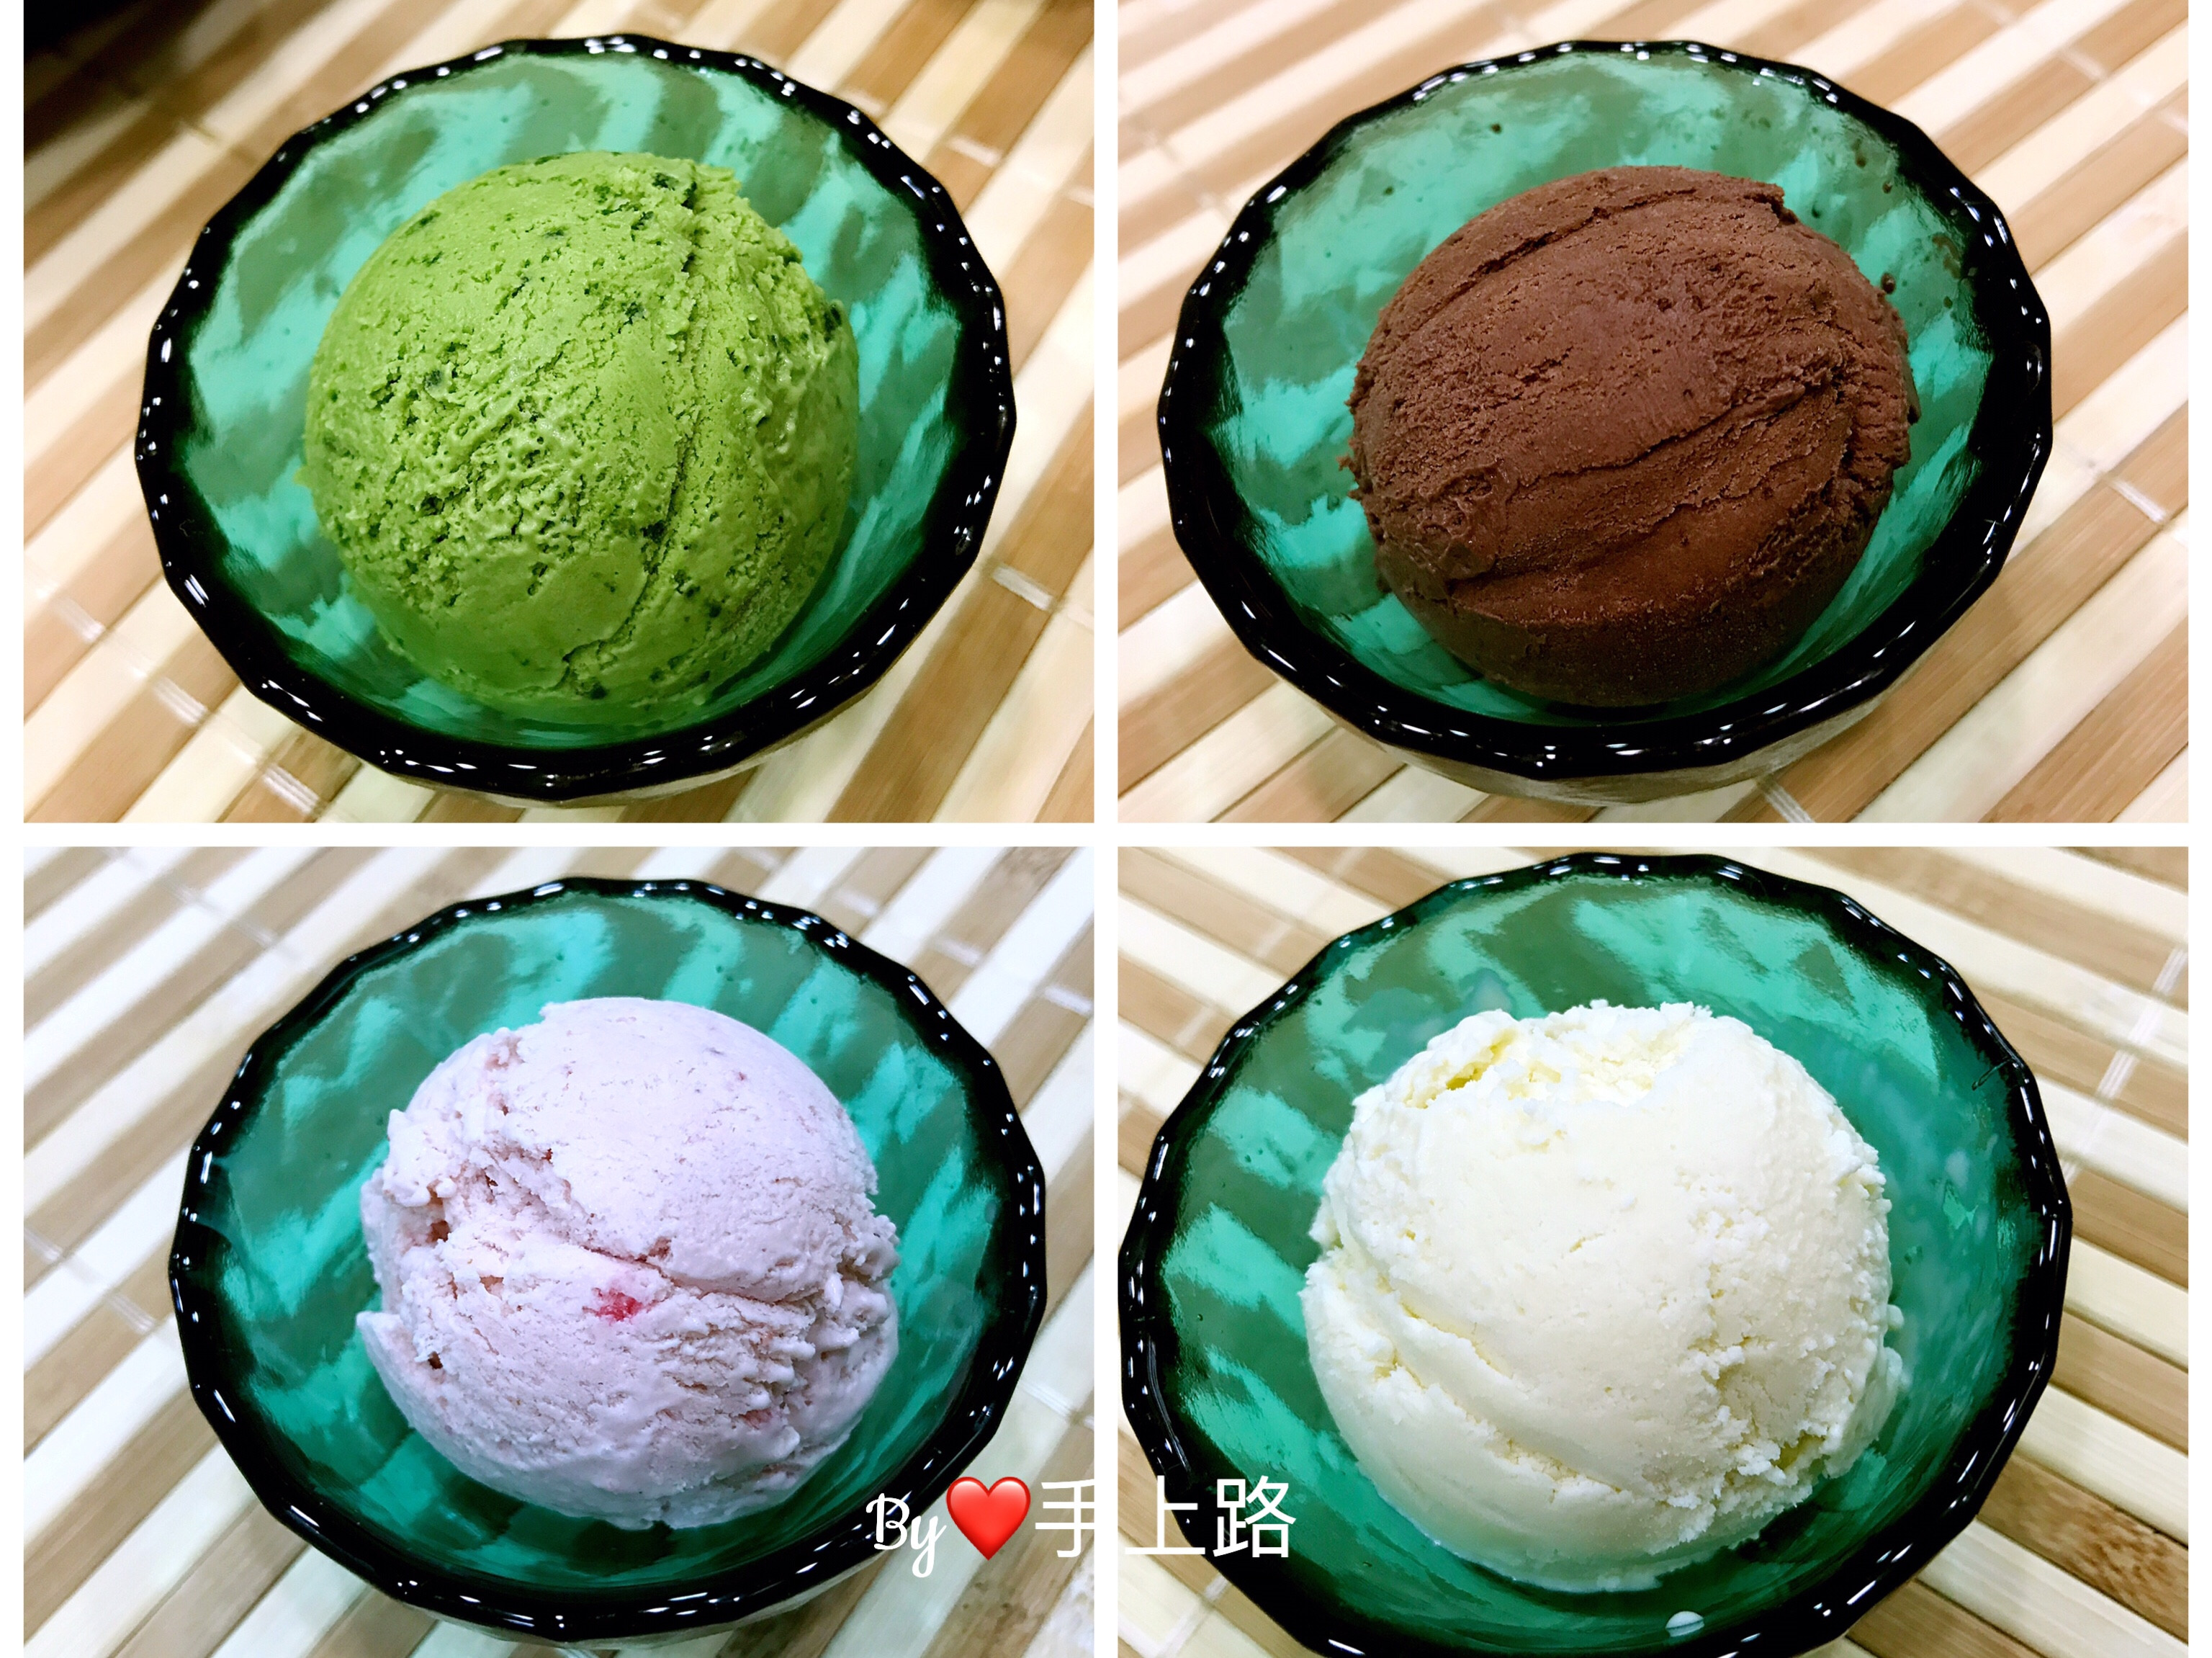 抹茶、可可、草莓、香草冰淇淋免機器免蛋黃